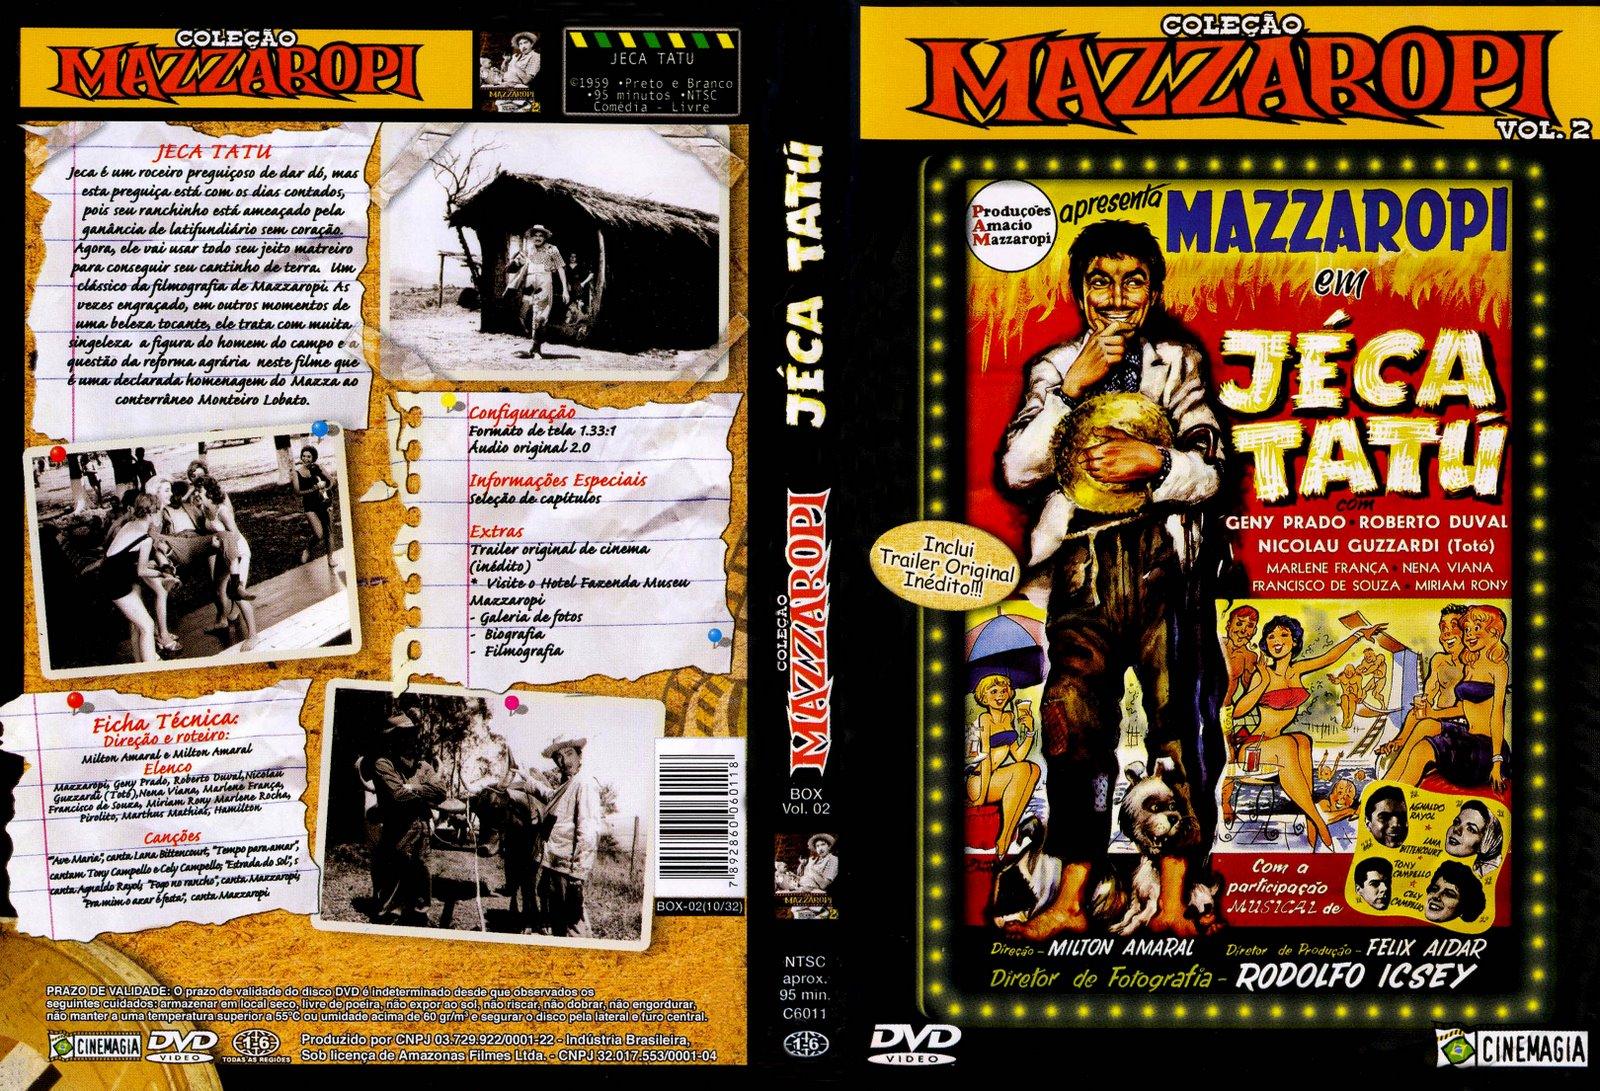 http://3.bp.blogspot.com/-8AGavaqzh1Q/T7fuuJzh-LI/AAAAAAAAAwE/99pZoqnqwG0/s1600/Mazzaropi+-+Jeca+Tatu.jpg